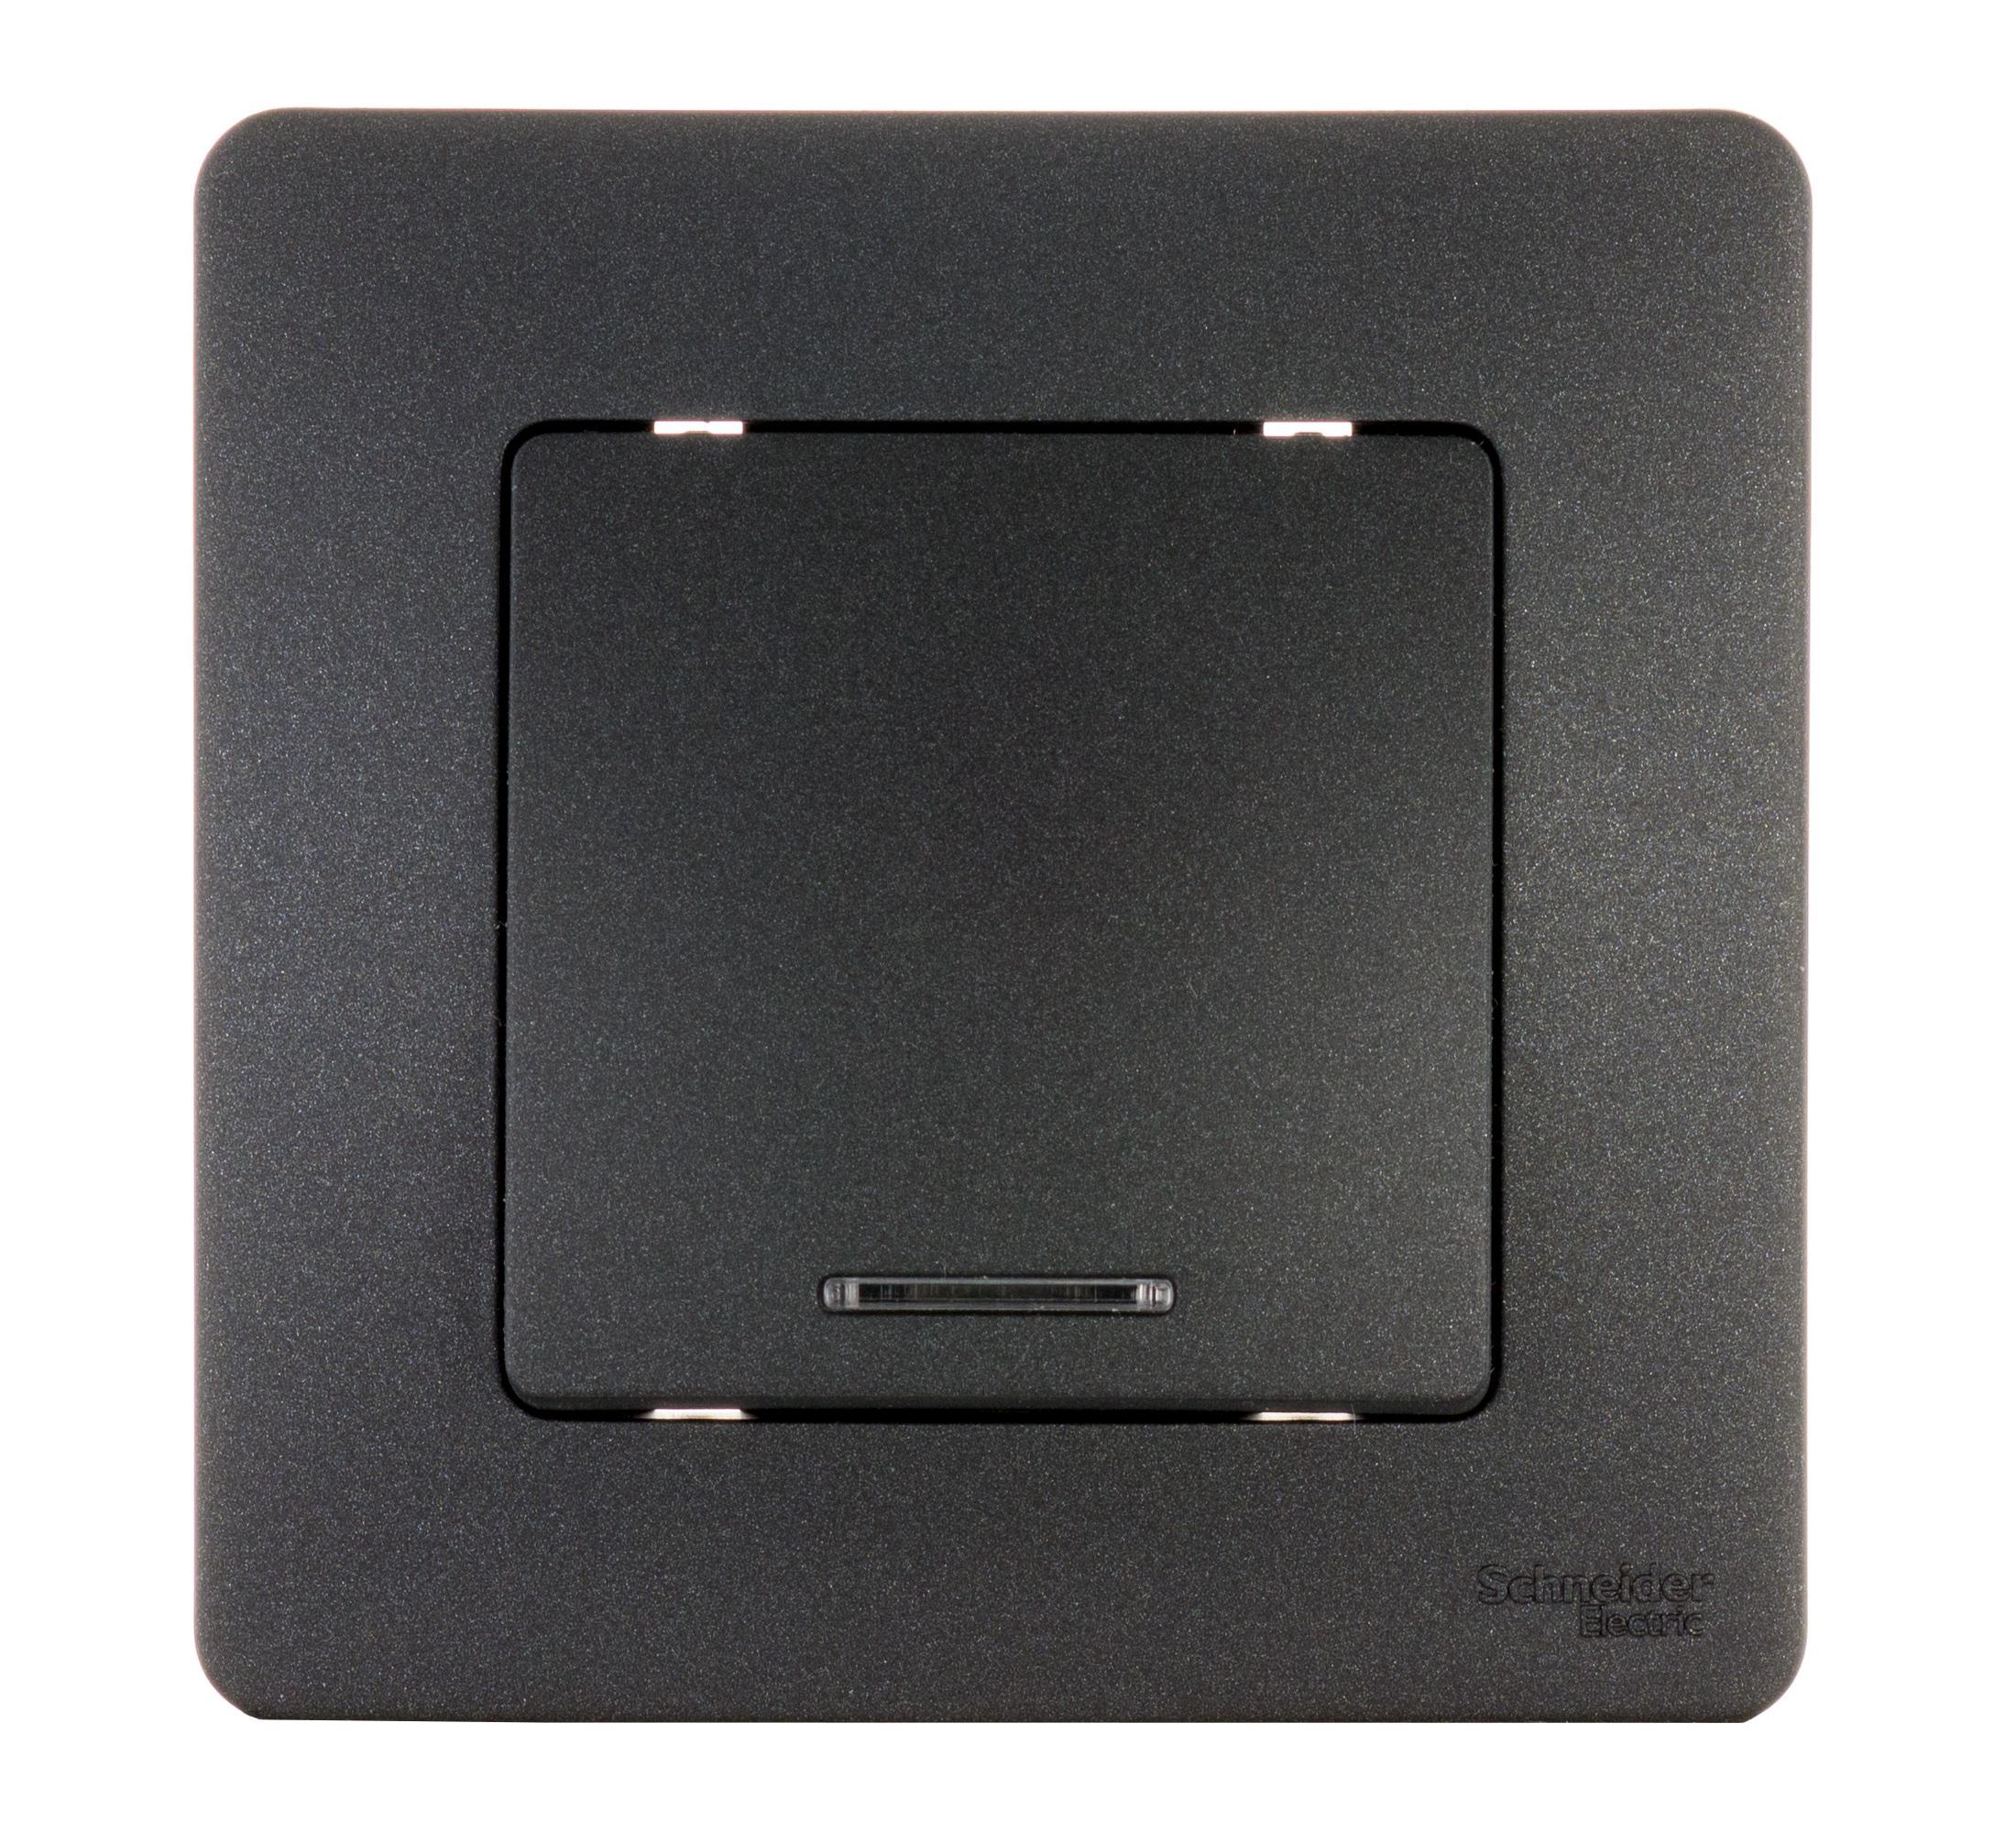 Выключатель Schneider electric Blnvs010116 blanca выключатель schneider electric blnva105014 blanca